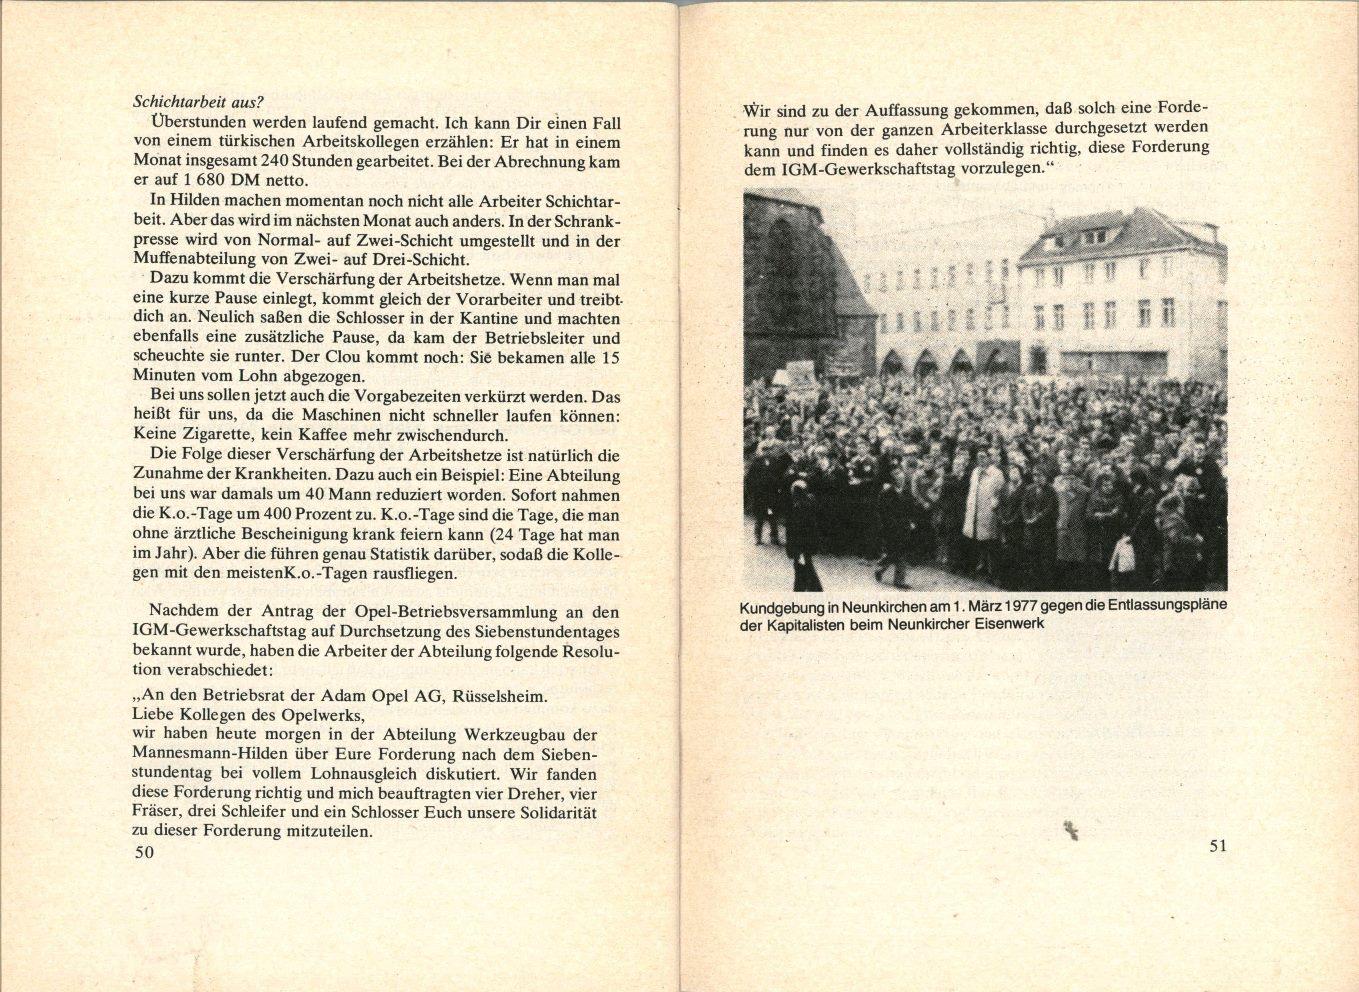 IGM_KBW_Krise_in_der_Stahlindustrie_1977_27